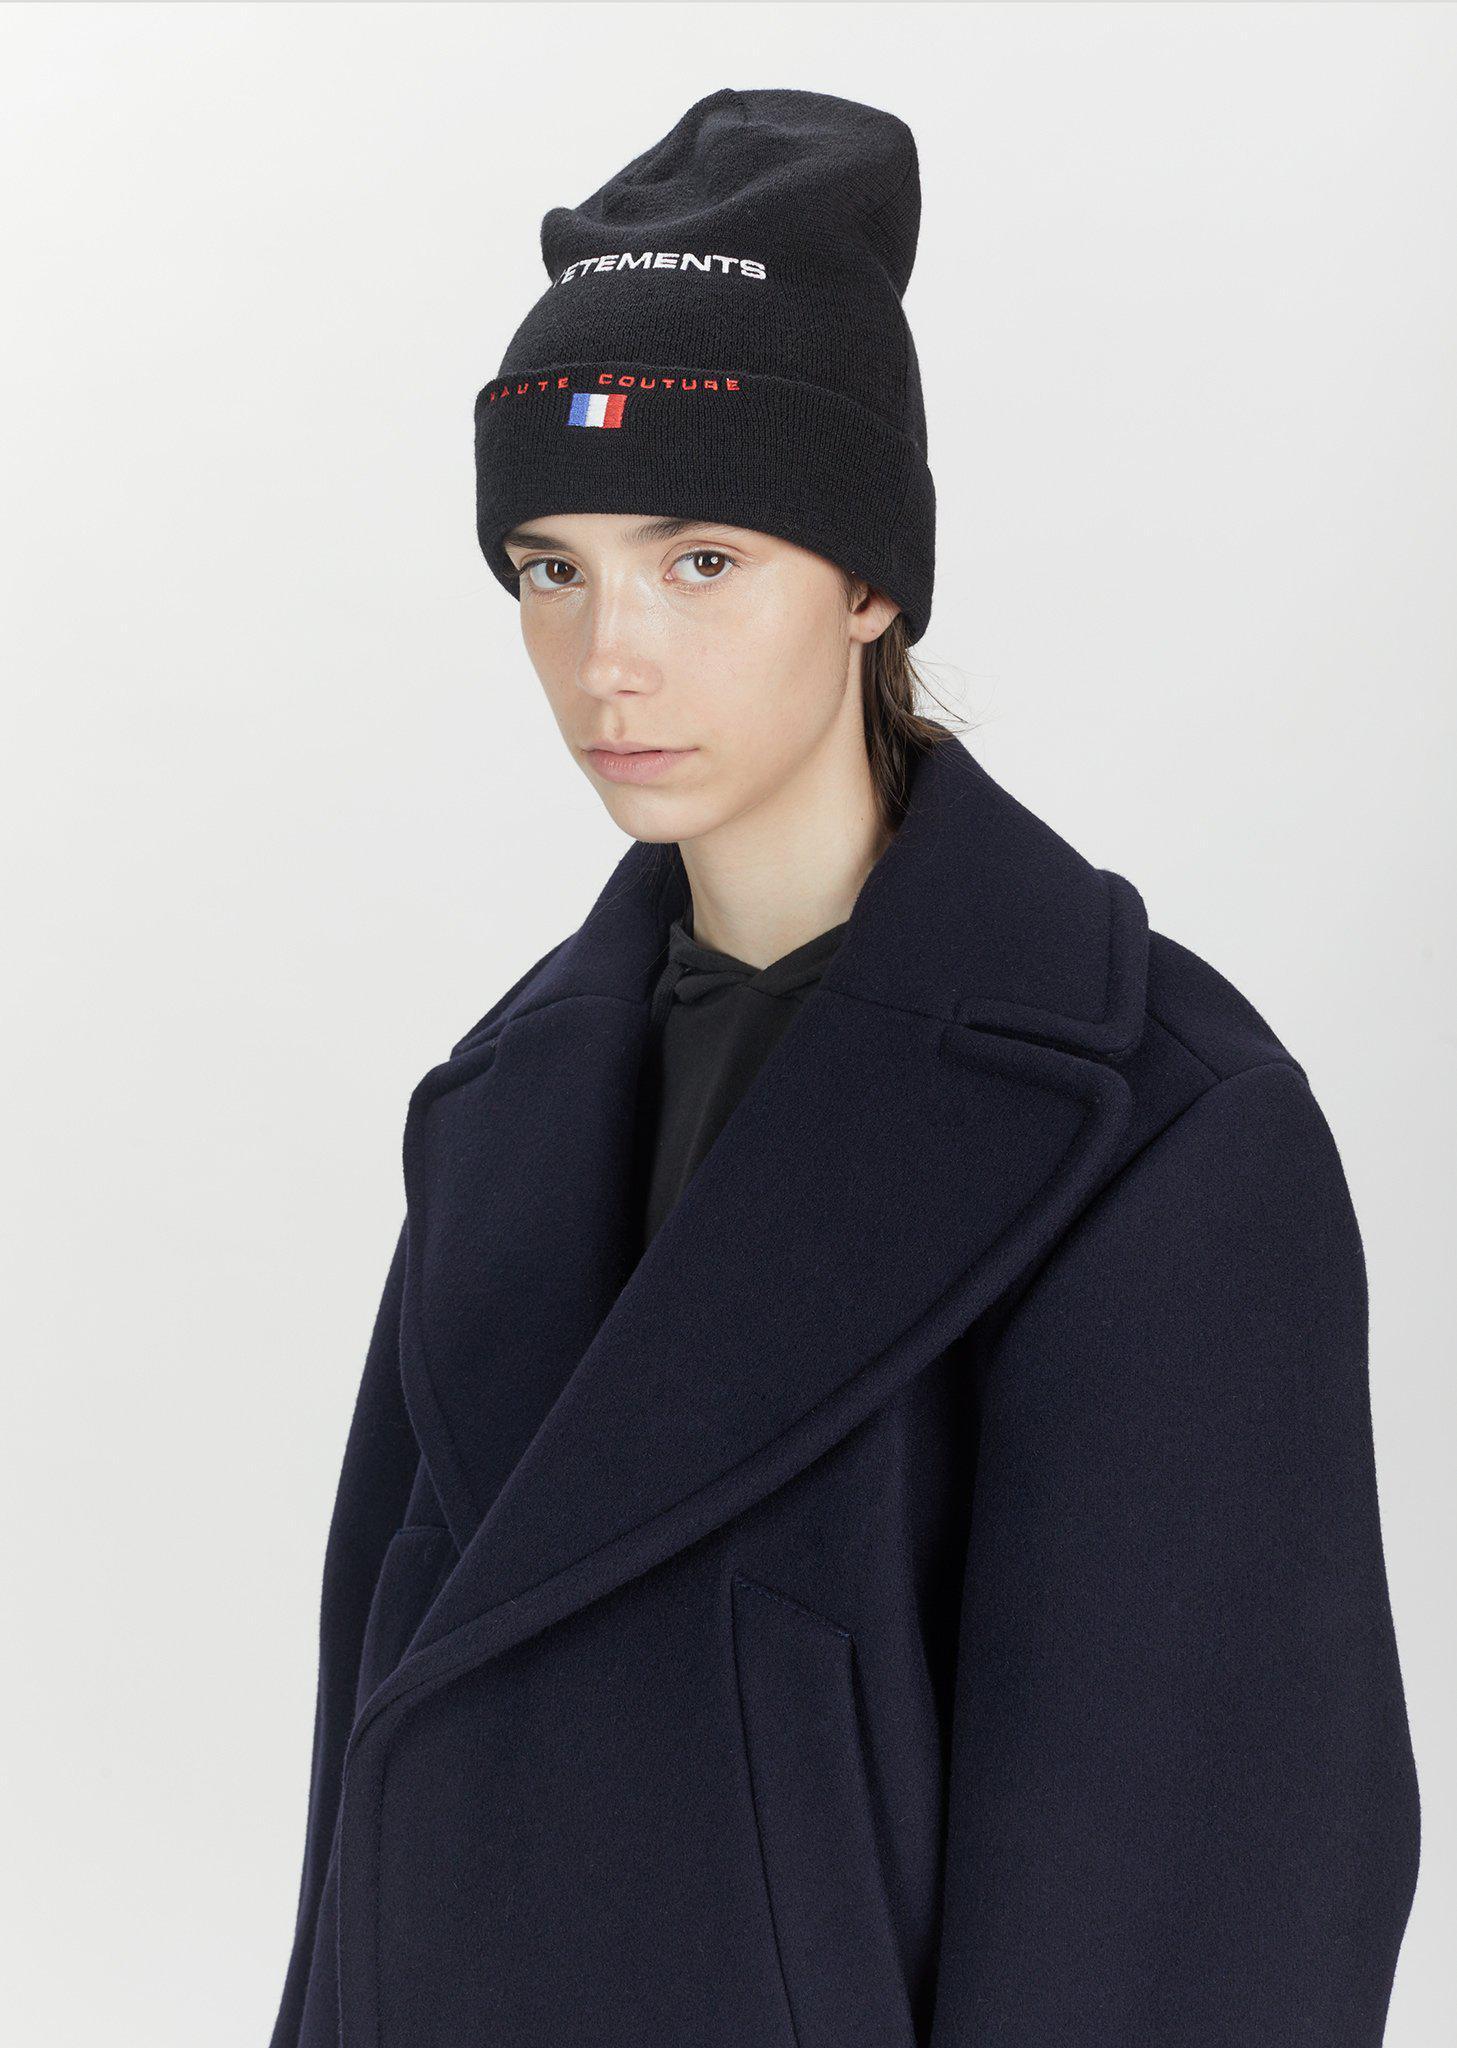 79e94717532 Lyst - Vetements Reebok Wool Beanie in Black